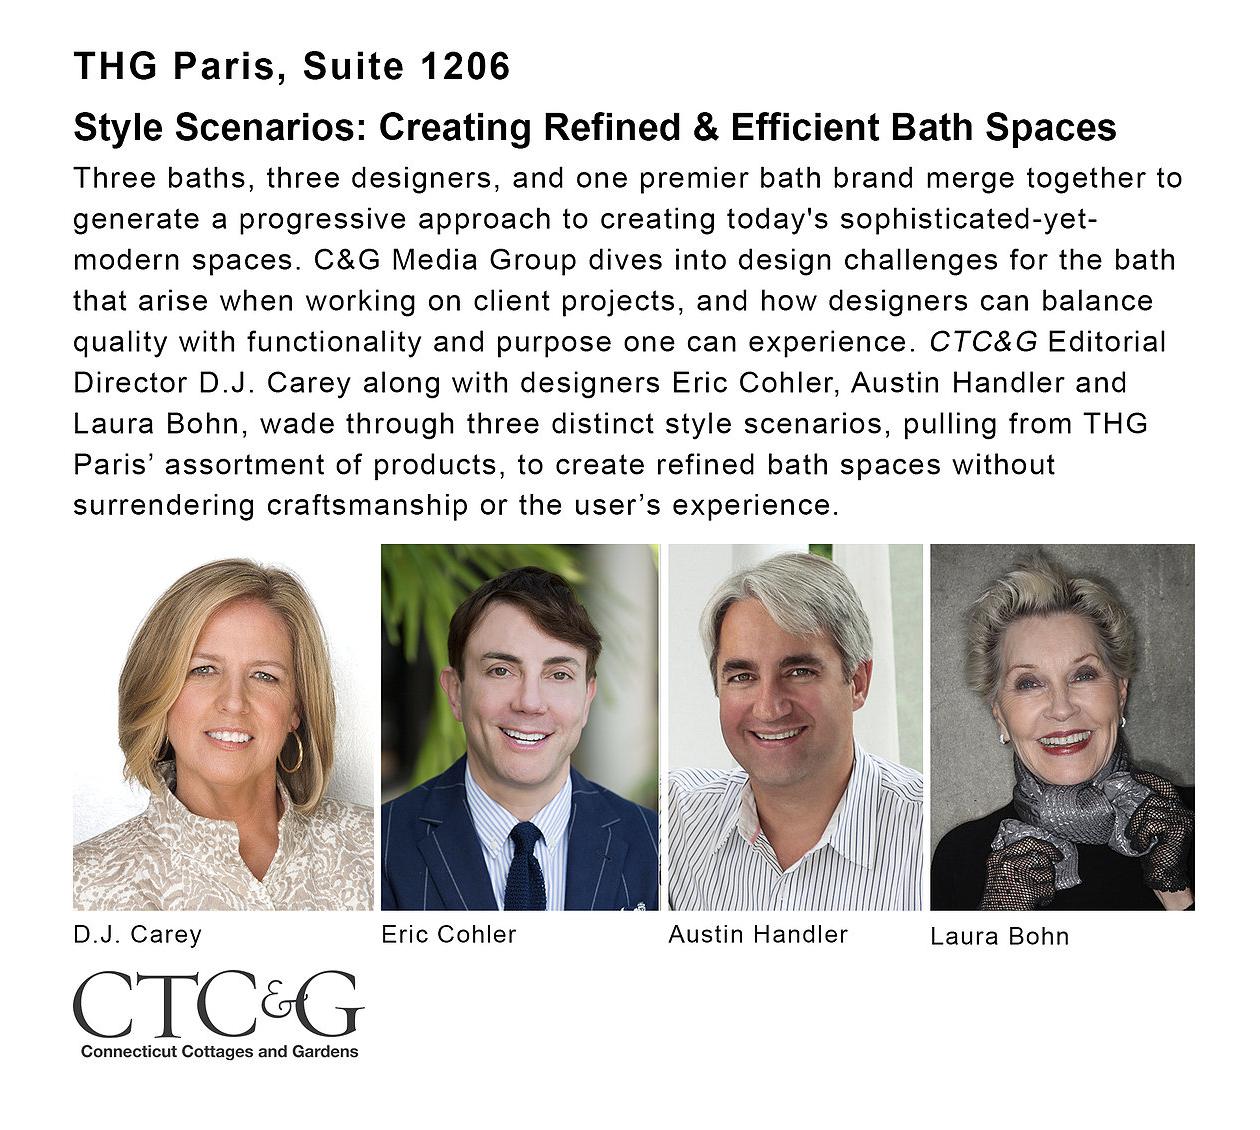 Laura Bohn: October 16, 12PM - 1PM, THG Paris, Suite 1206